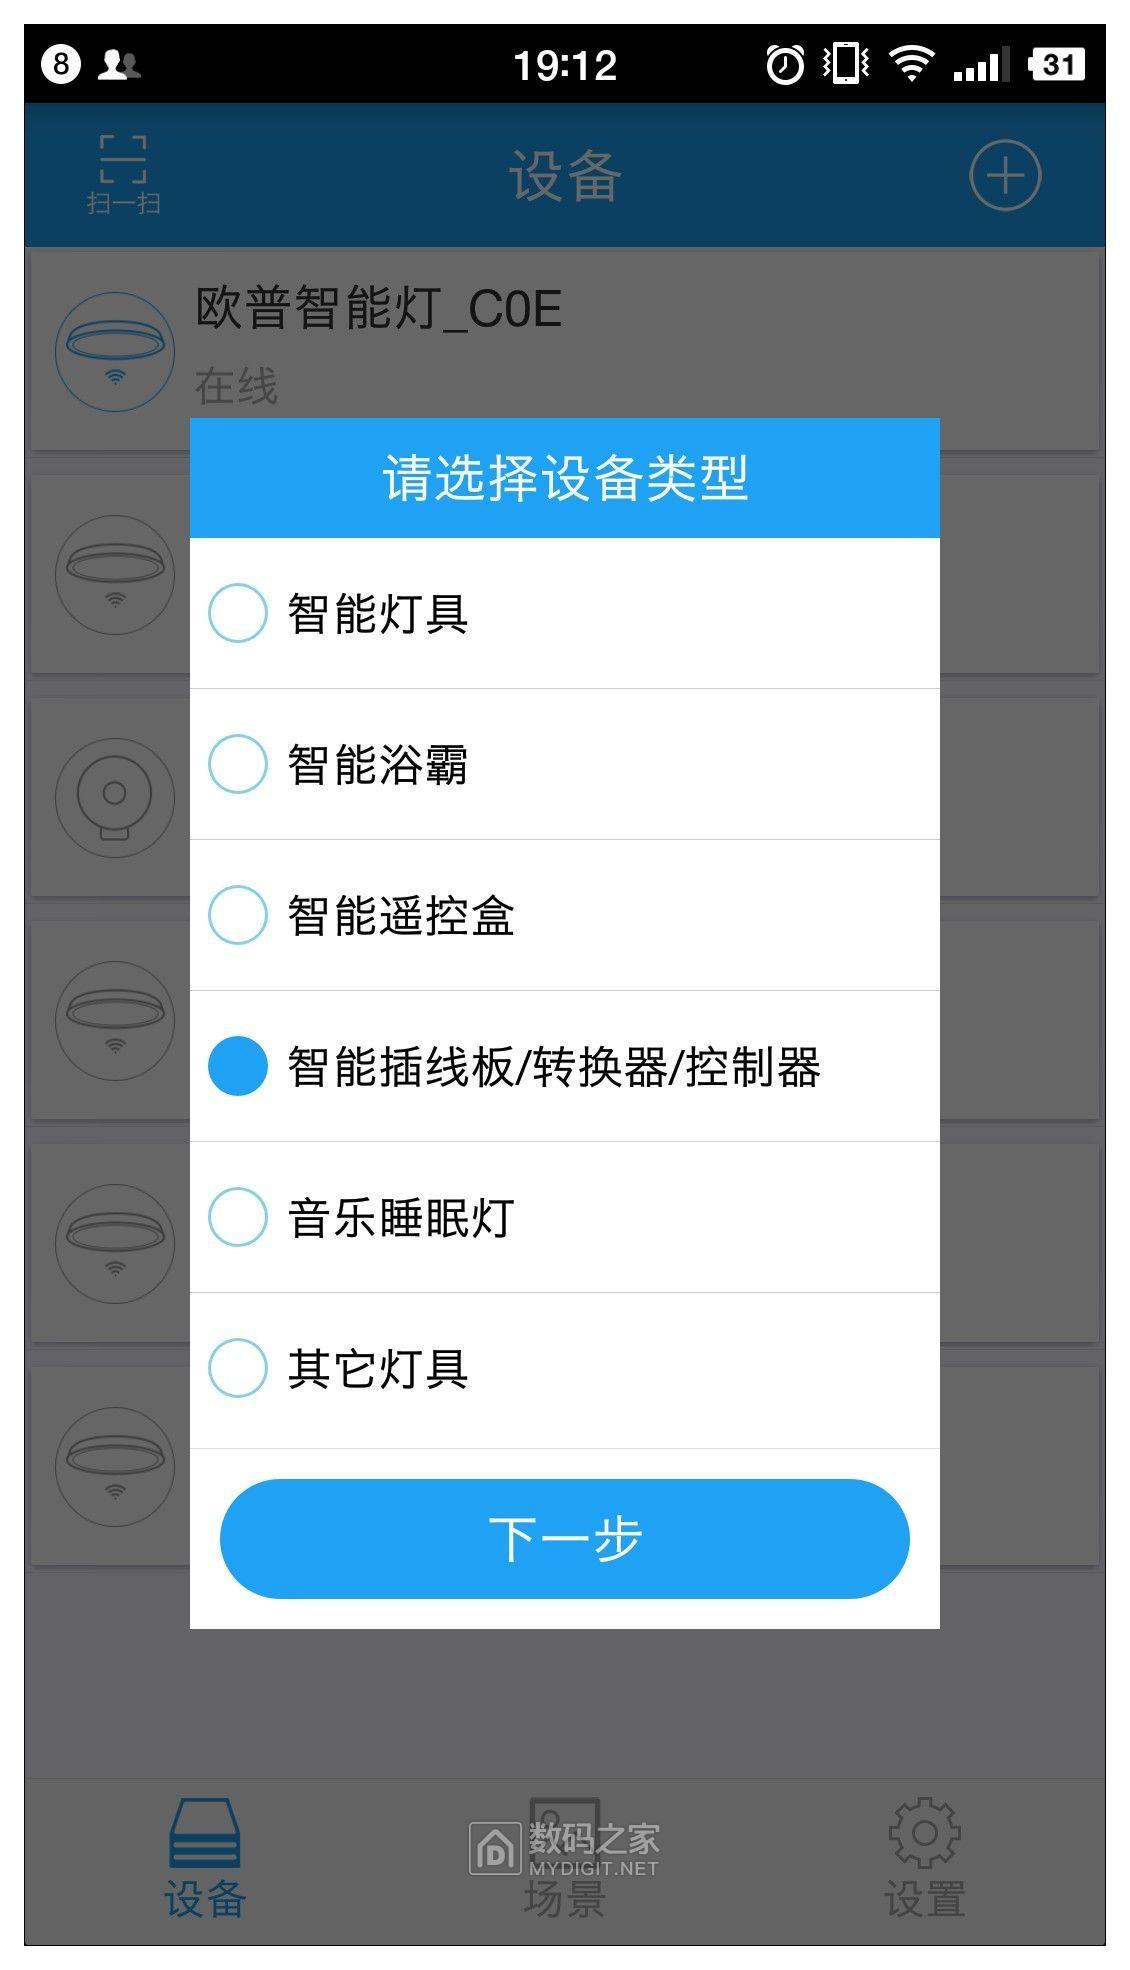 screenshot_2019-08-04-19-12-11-861_欧普智能家庭[1].jpg